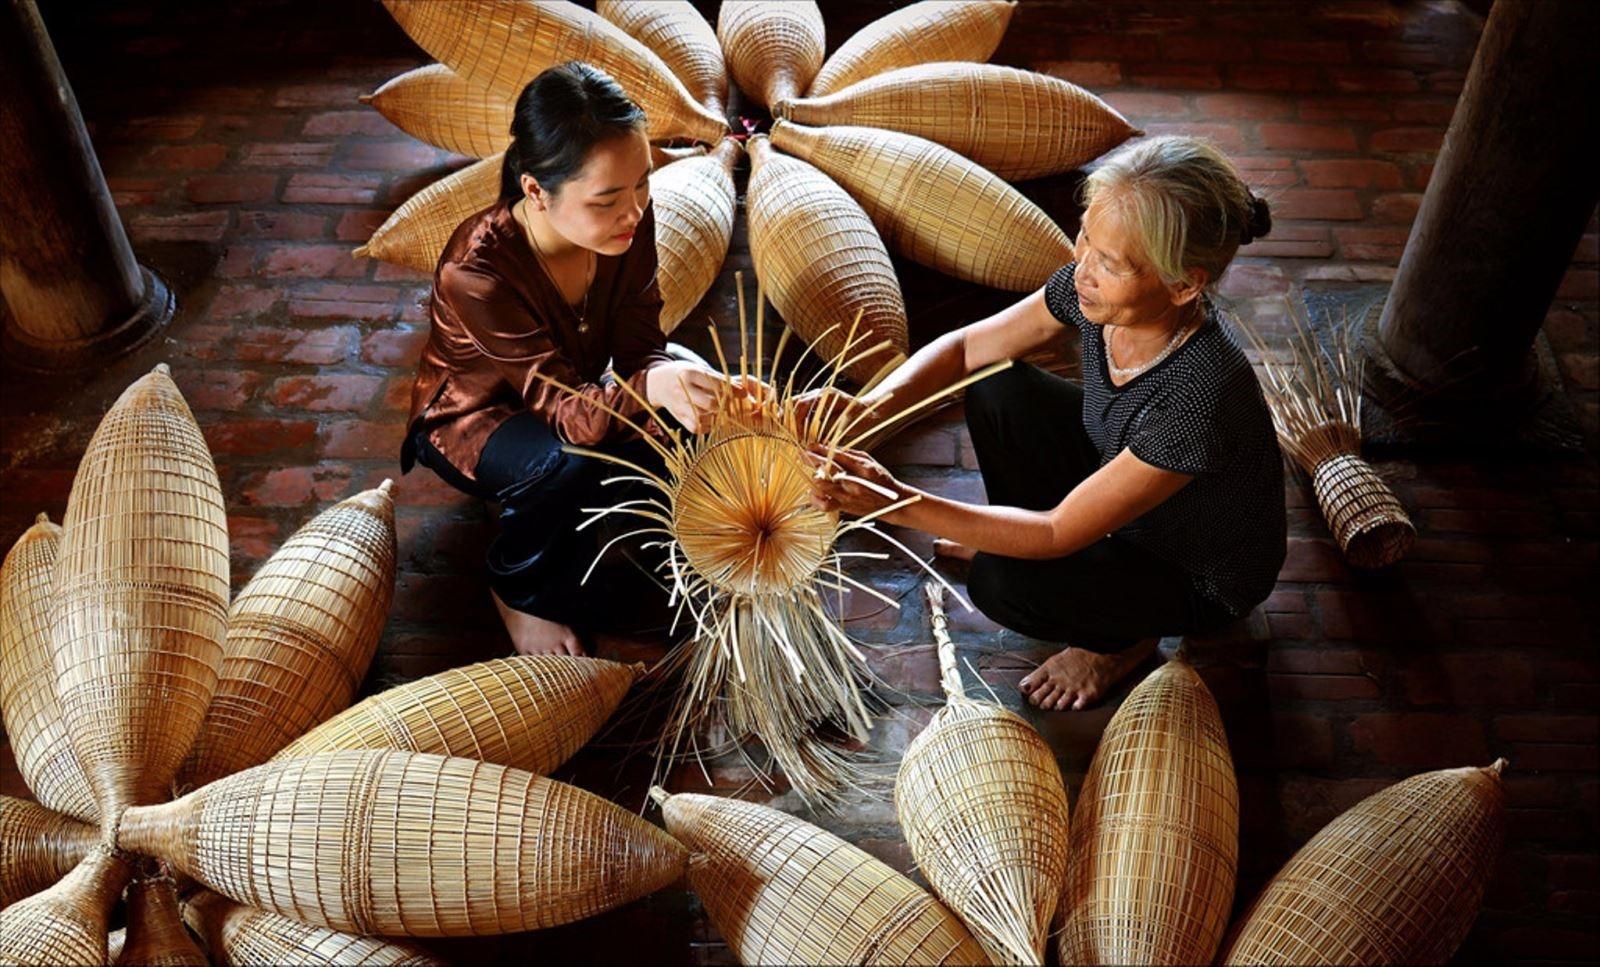 sunshine group tien phong mo loi dong nghi duong khac biet tren thi truong